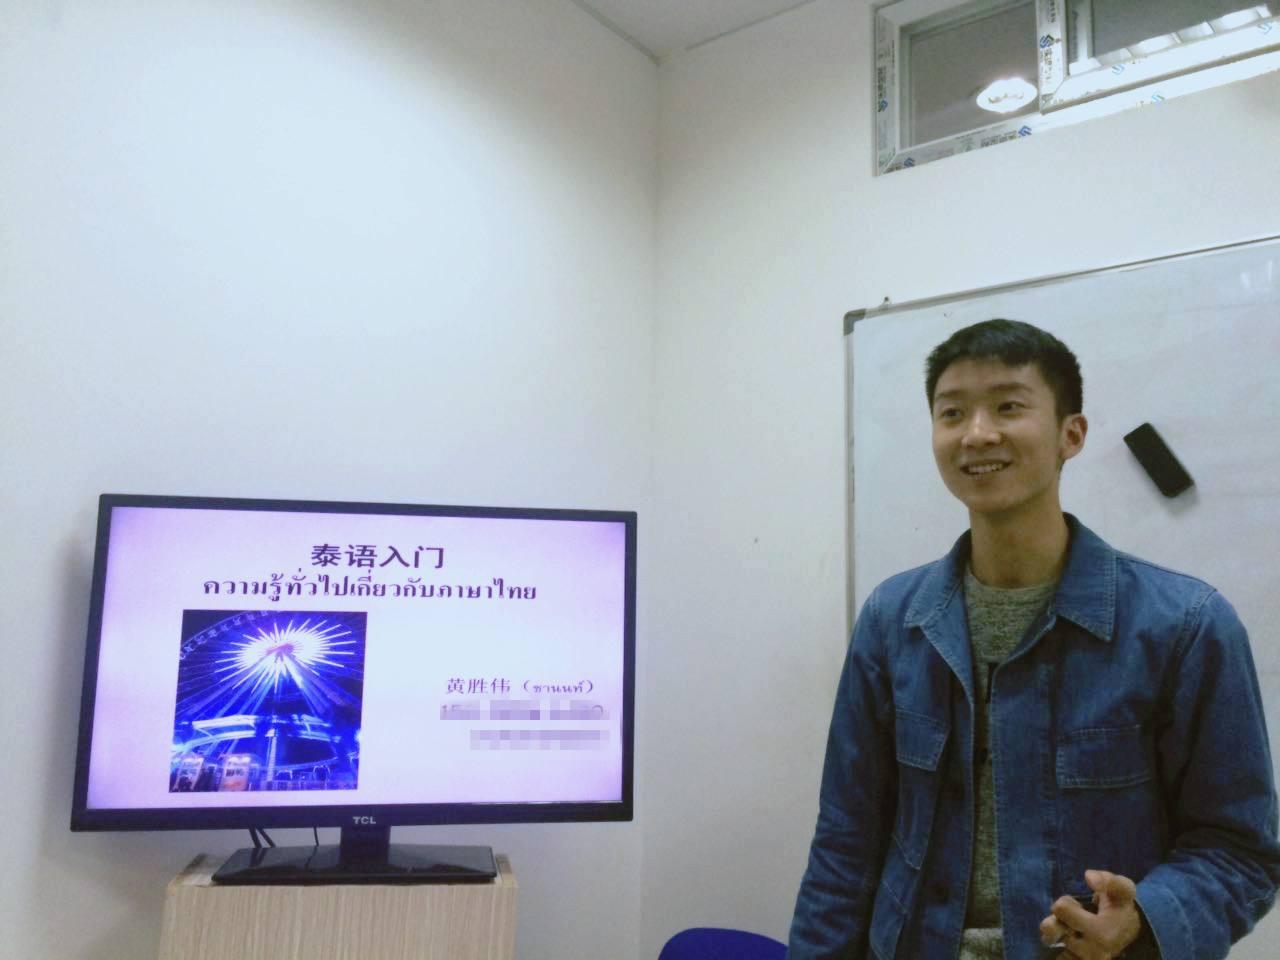 昆明泰语口语教学